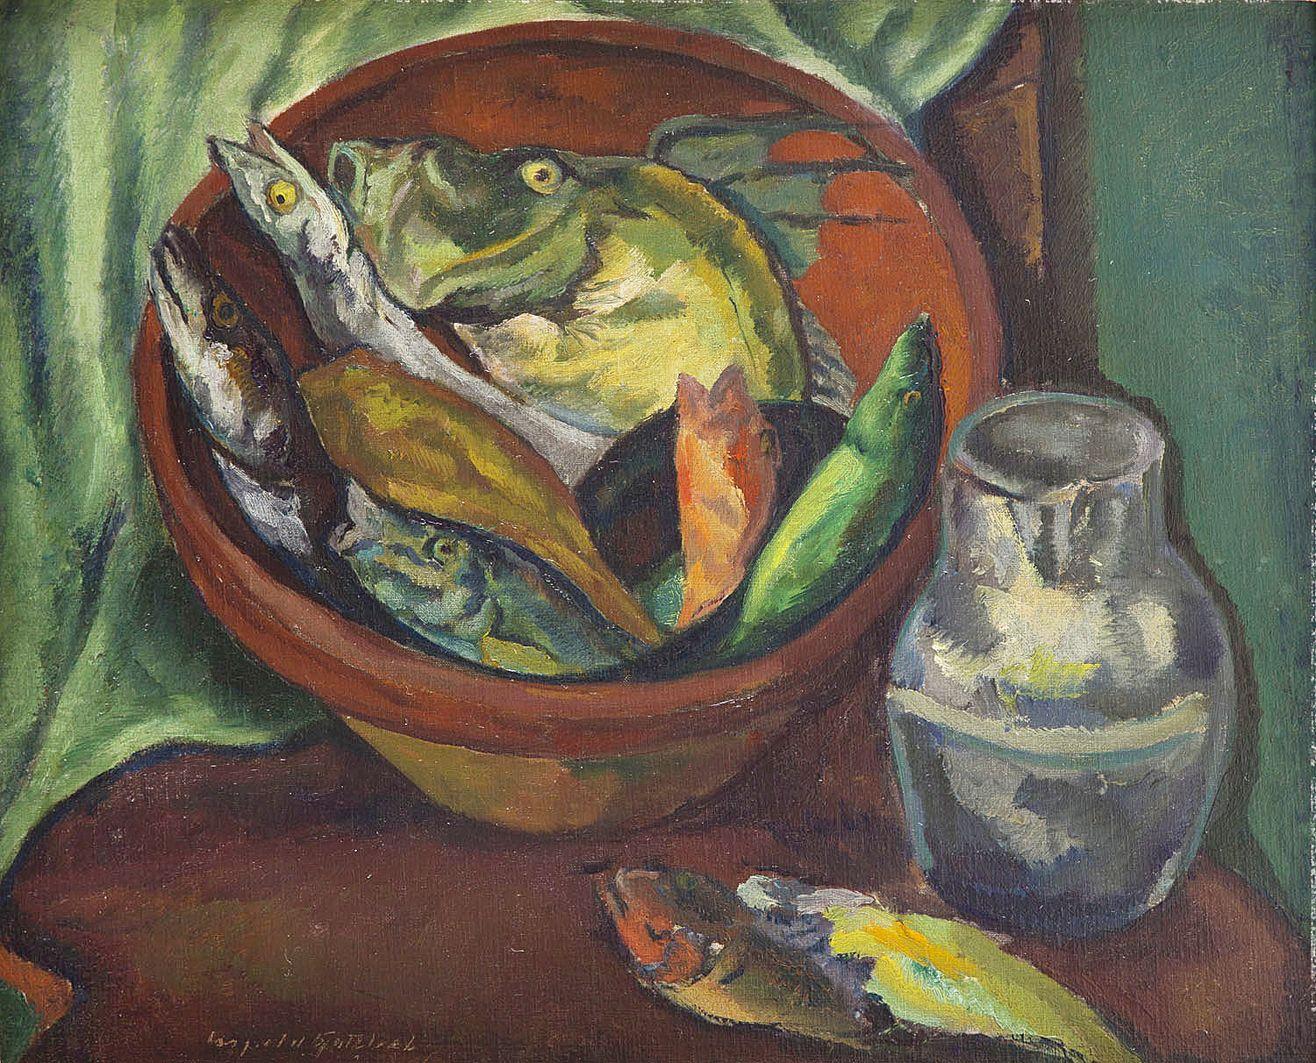 Леопольд Ґоттліб. Натюрморт з рибою, 1925; олія, полотно